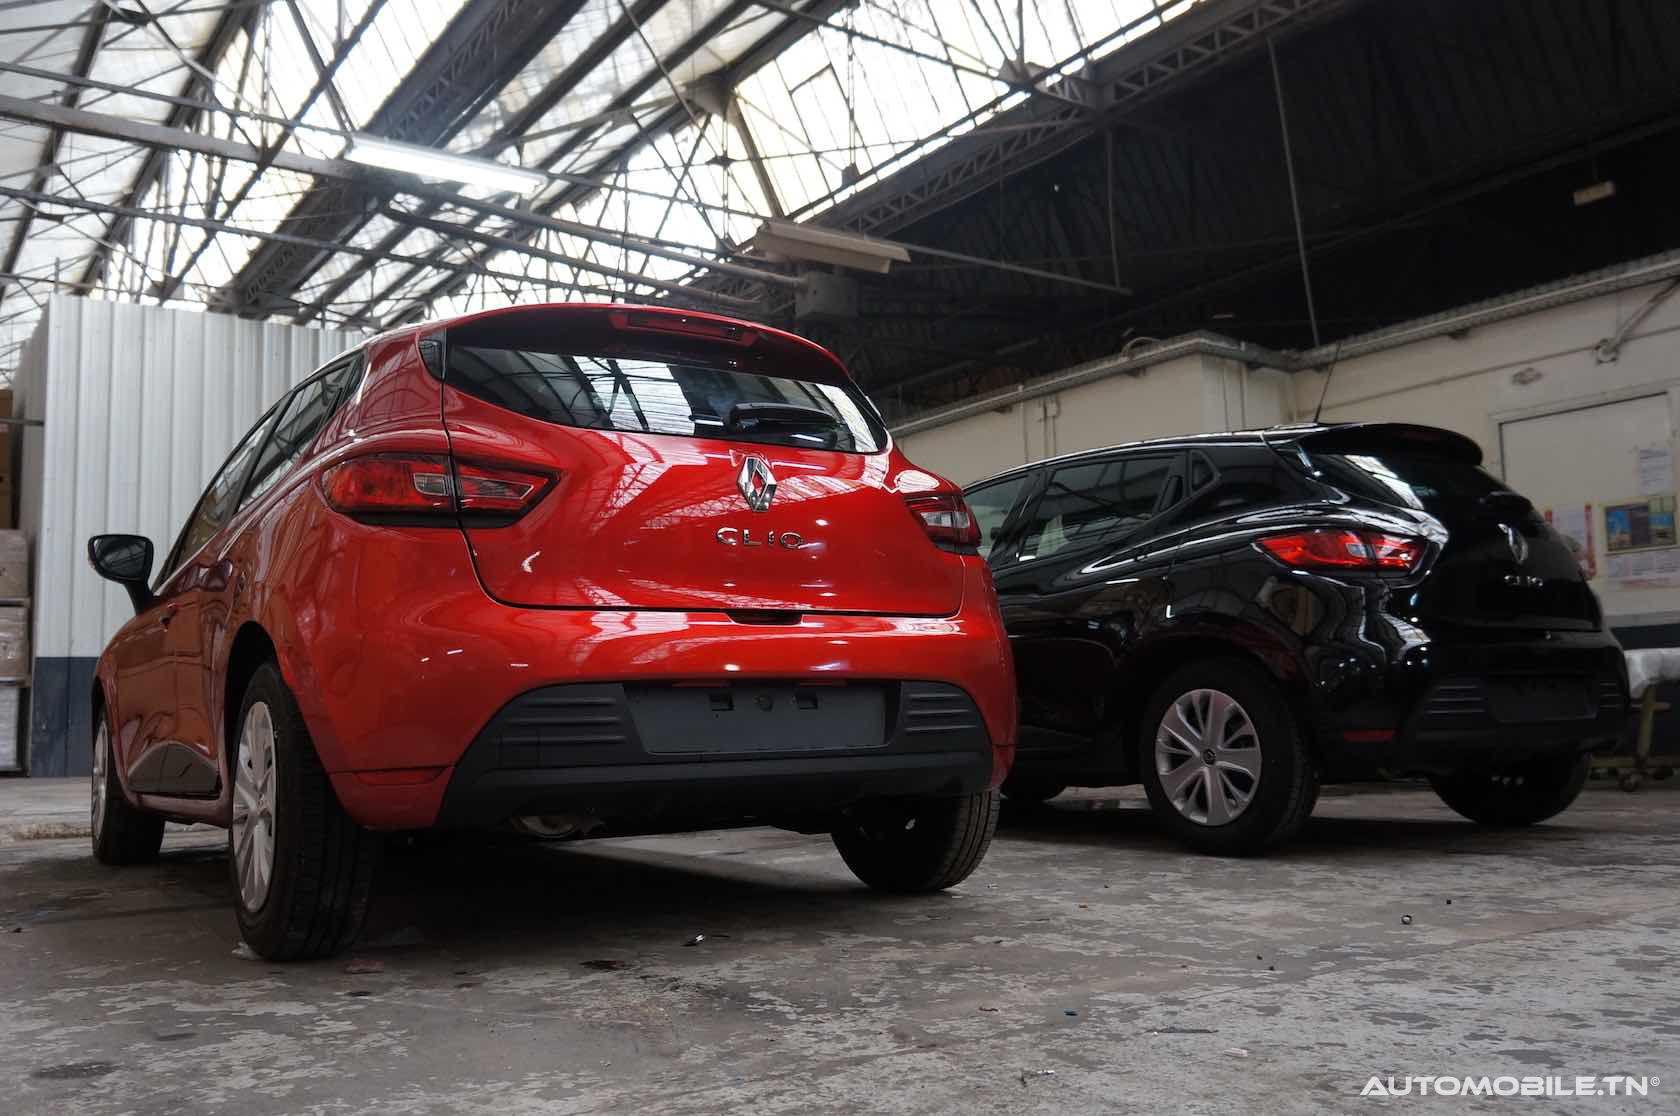 Prix Renault Clio Populaire 1.2 L - A partir de 30 230 DT